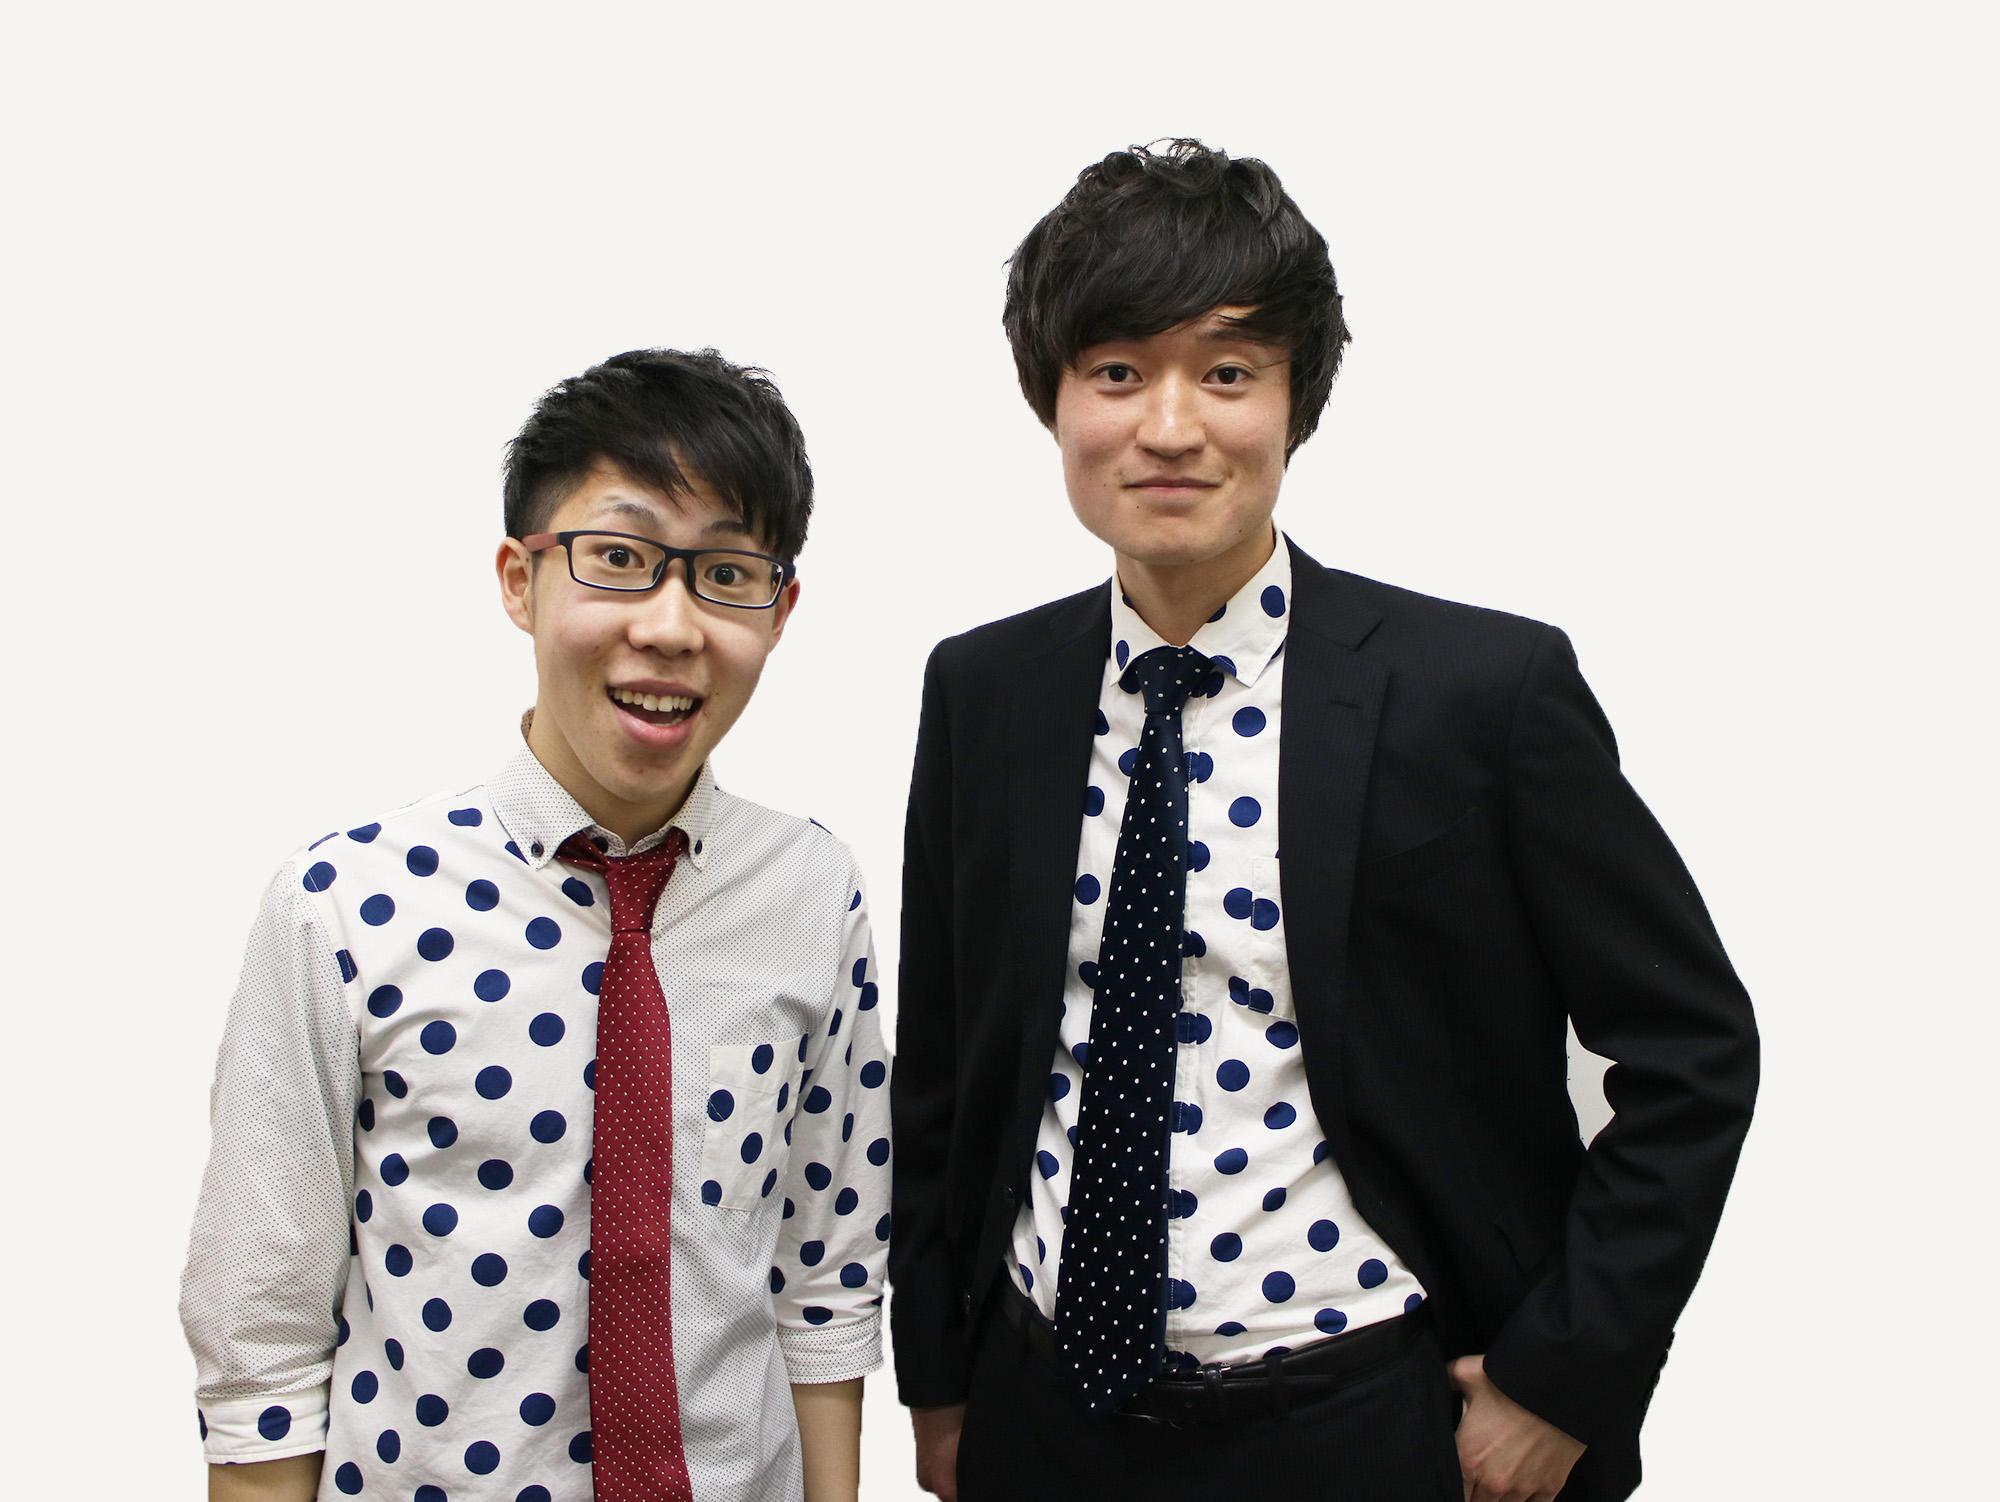 http://news.yoshimoto.co.jp/20180511150146-c62ed228a959e26b5e6db91ca98900bdecc61425.jpg